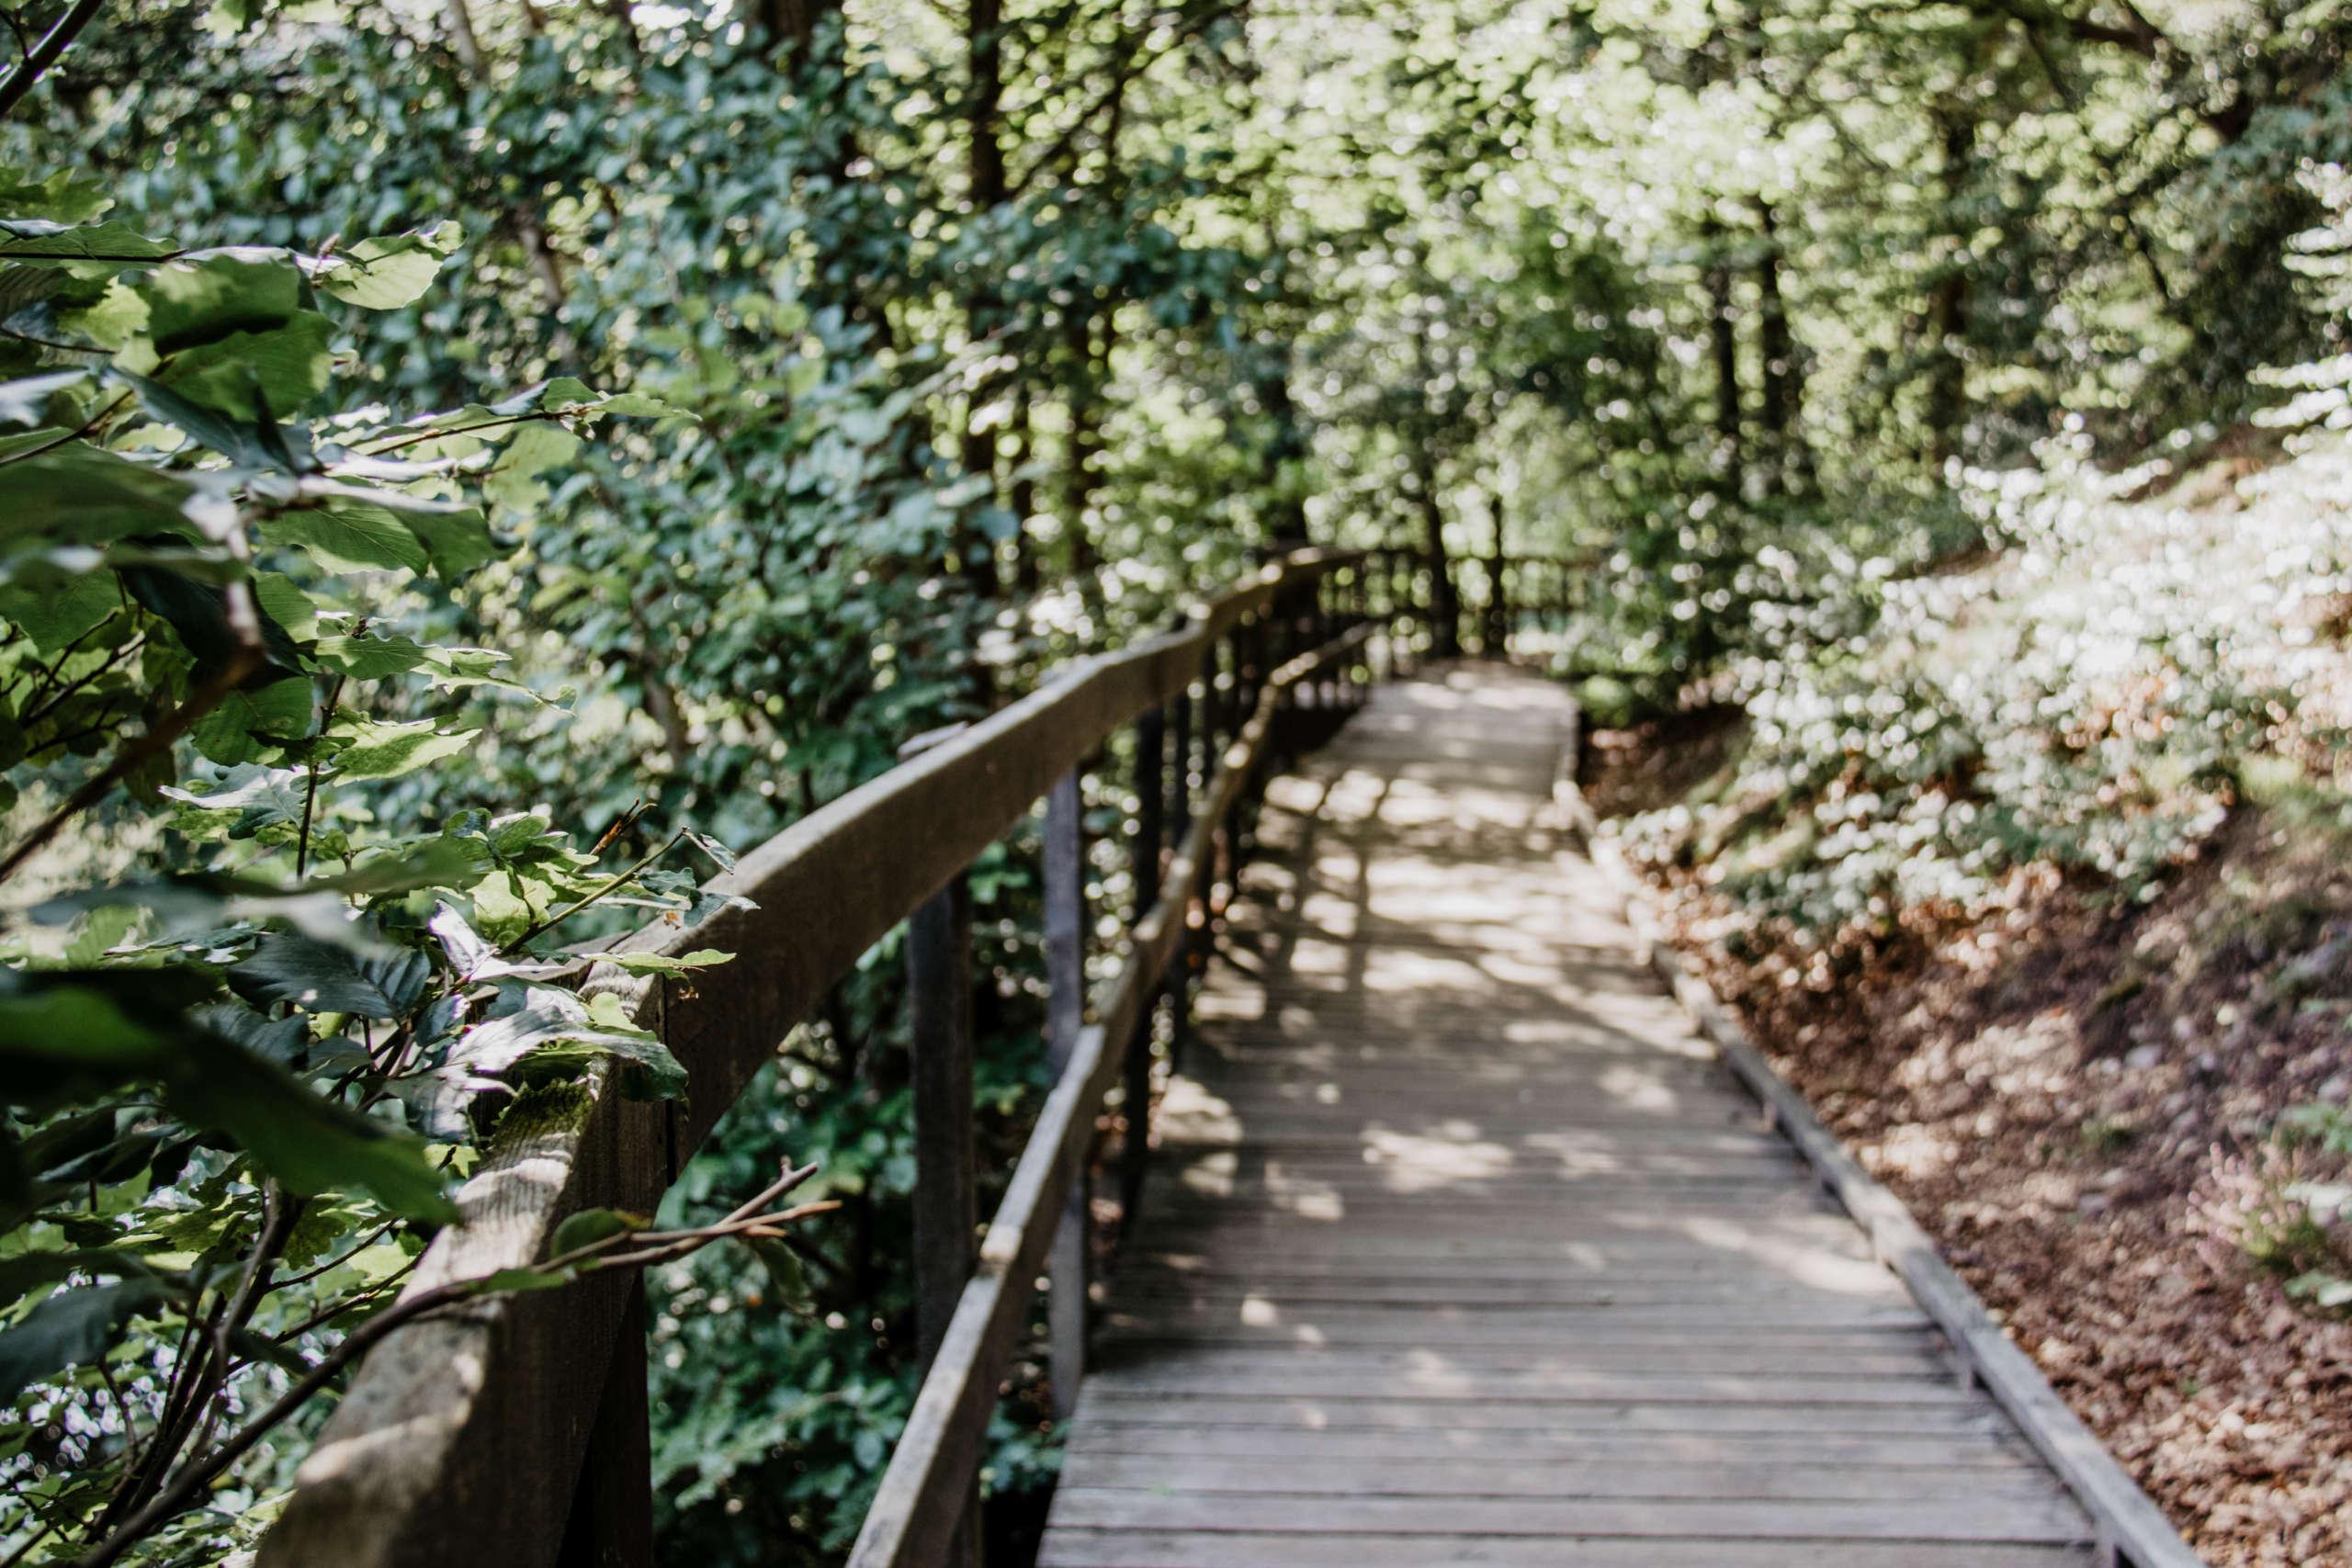 Ein Steg aus Holz führt mit einem Zaun durch eine grüne Landschaft aus Bäumen und Gewächsen.